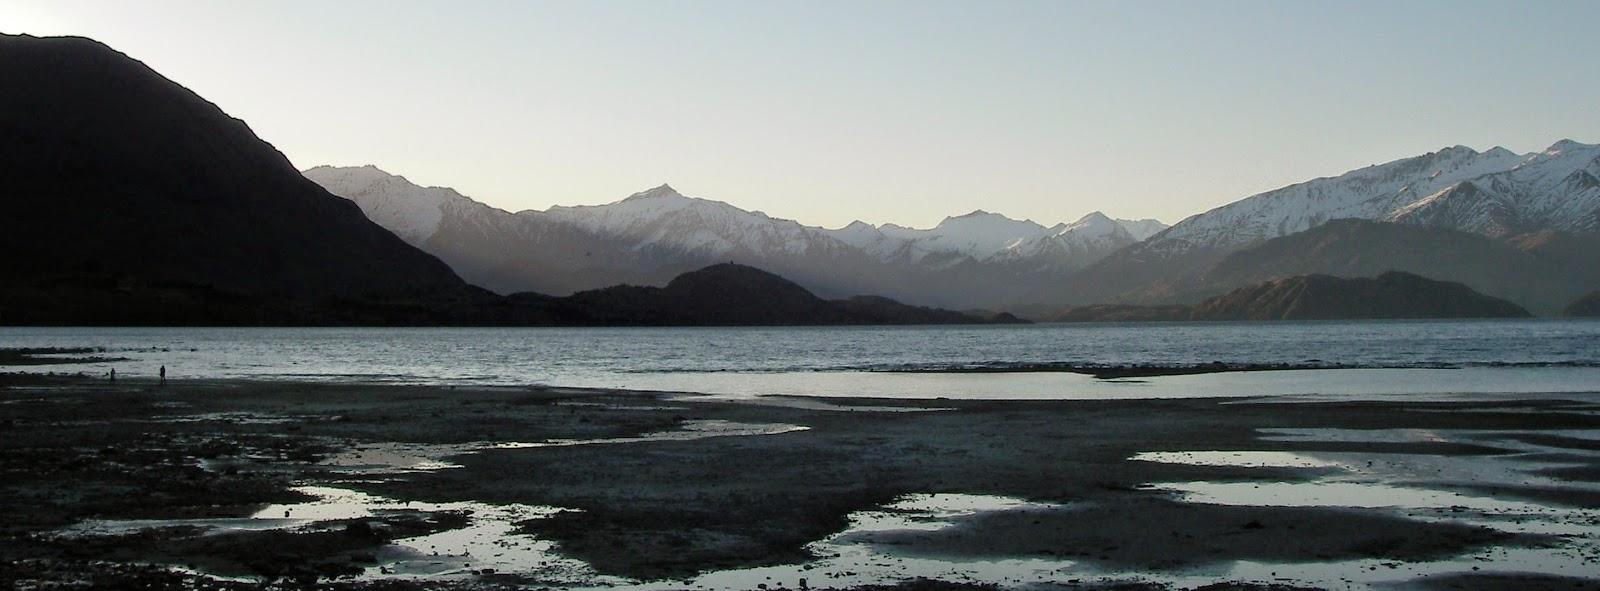 View of Lake Wanaka at sunset